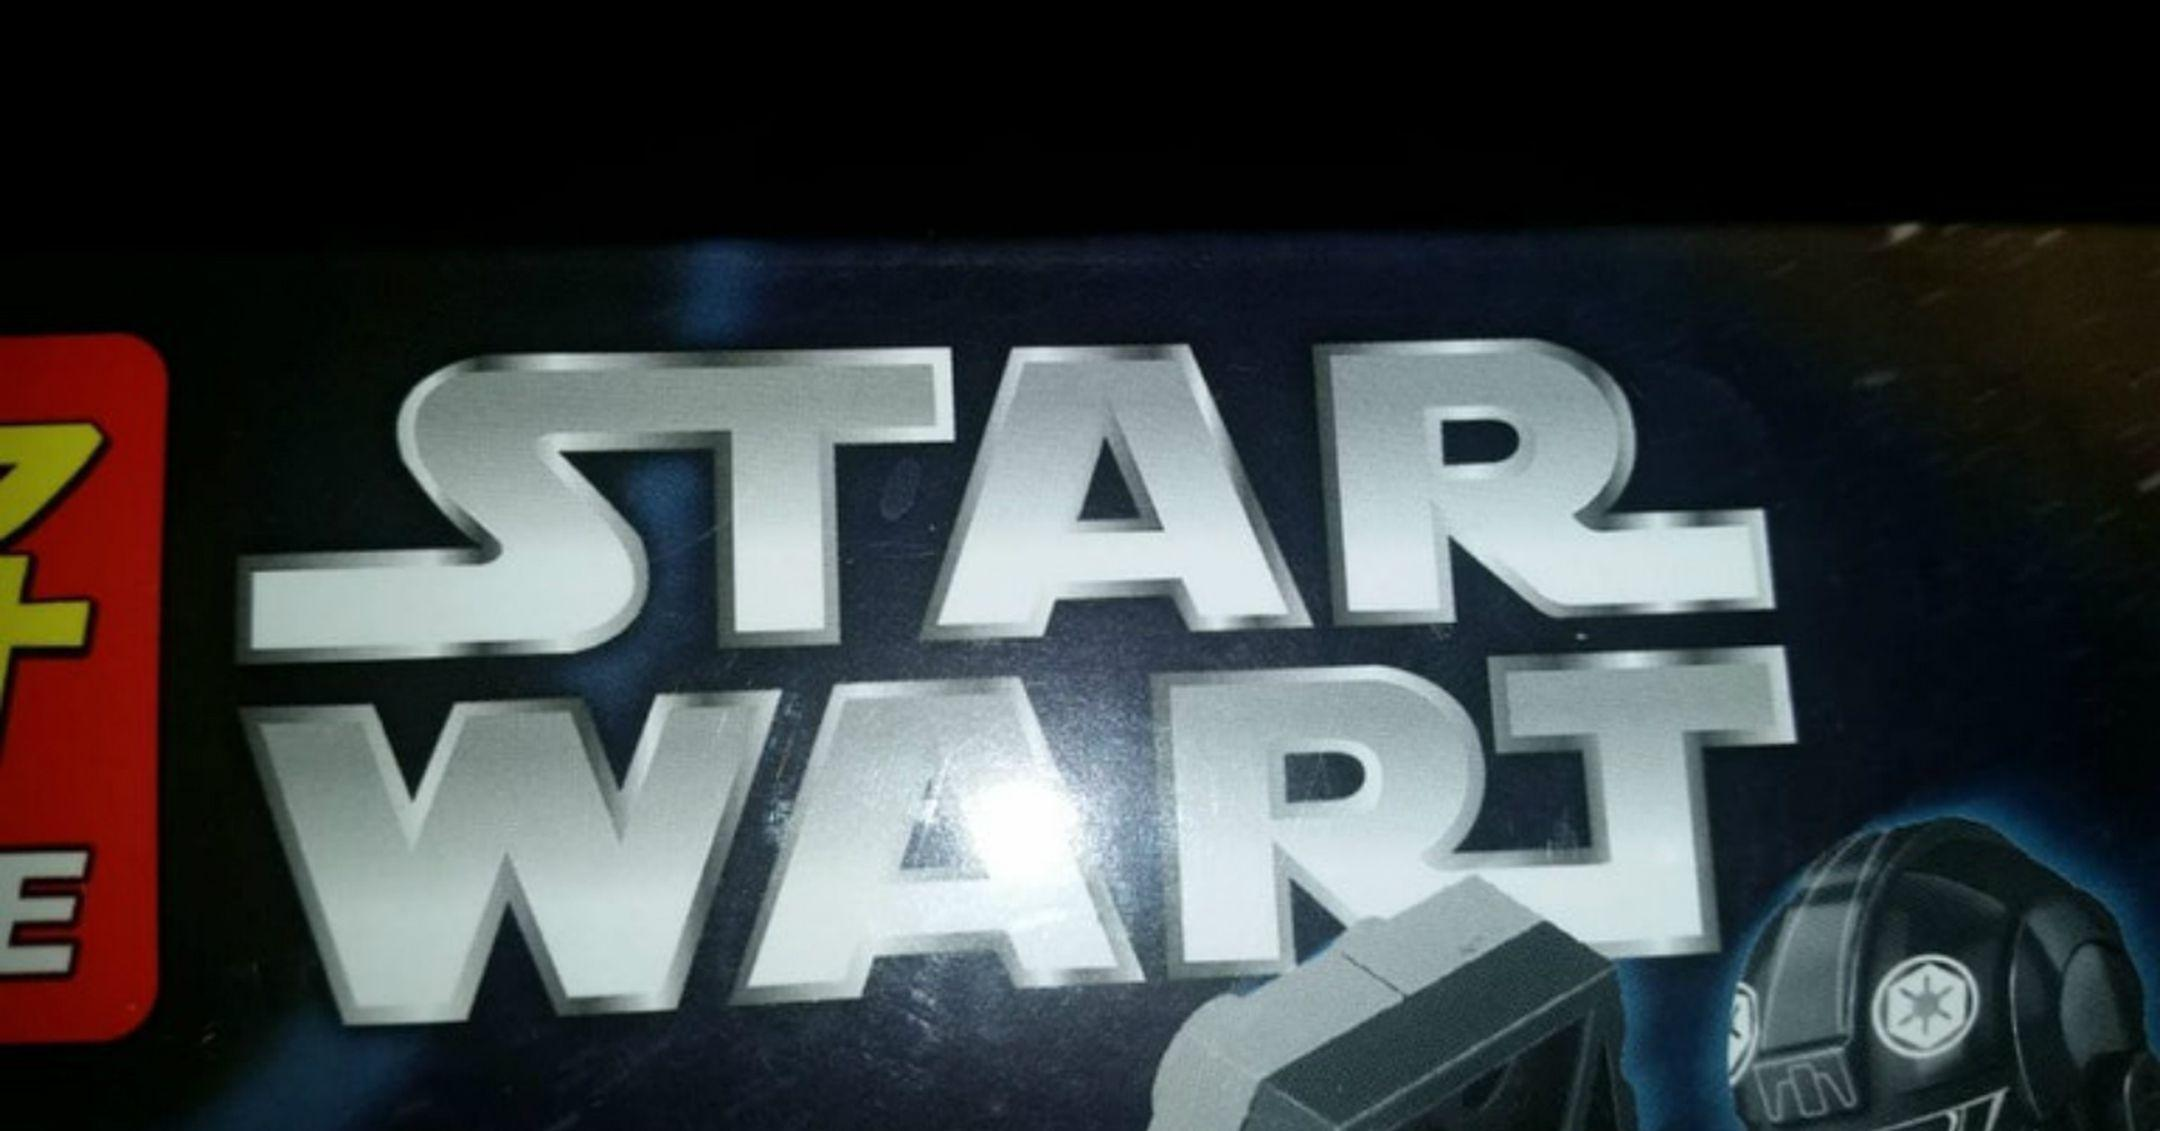 starwart-1534423948535-1534423950228.jpg